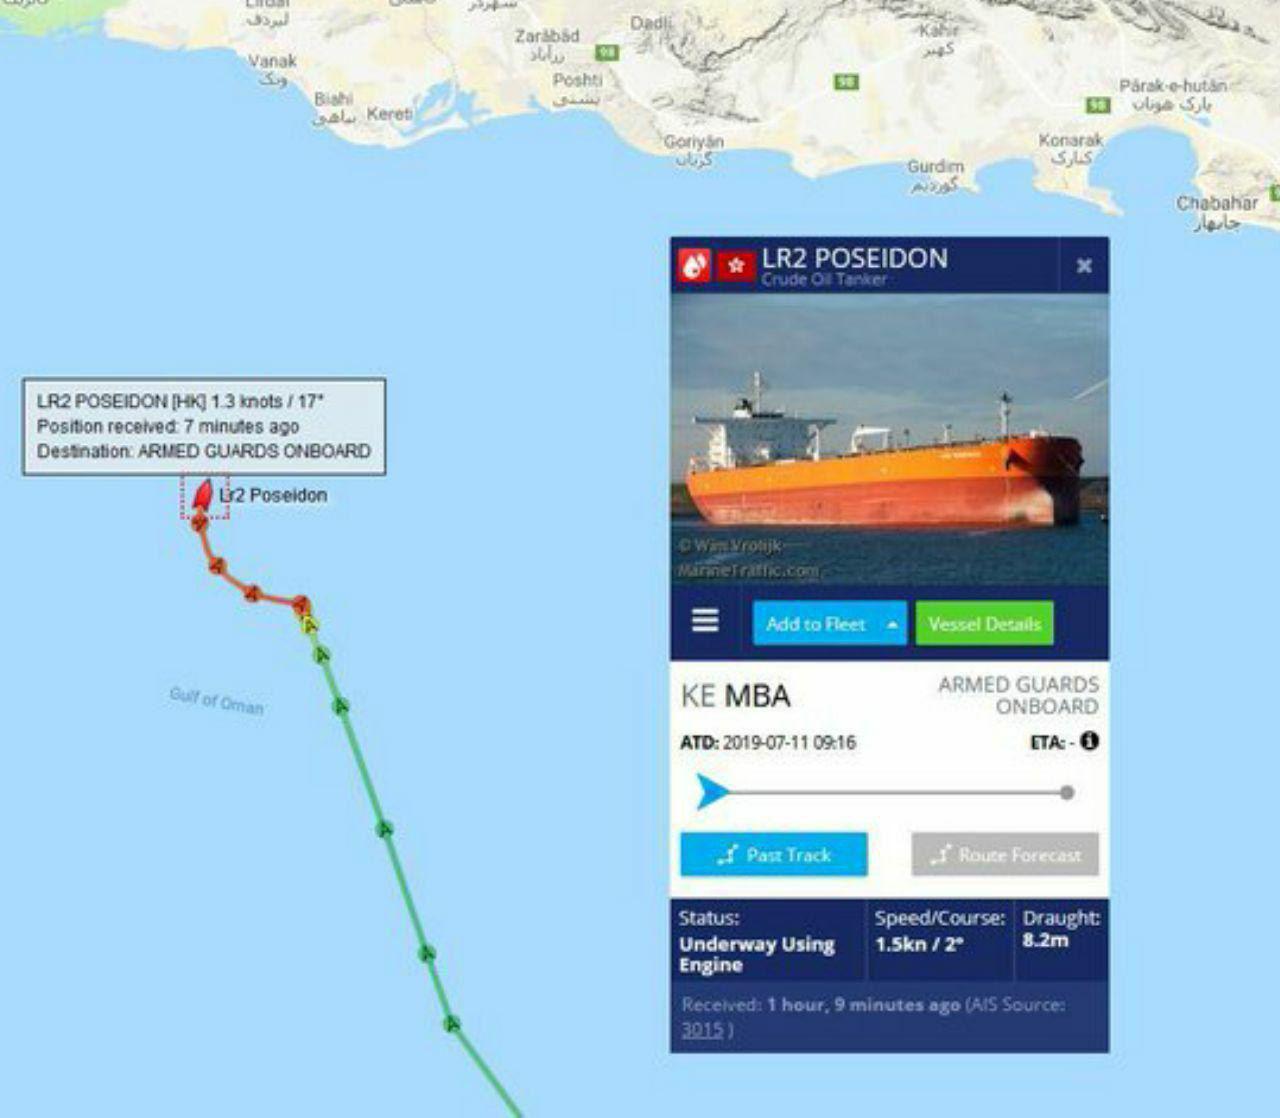 تغییر مسیر کشتی هنگ کنگی LR2 PODEIDON به سوی آبهای ایران